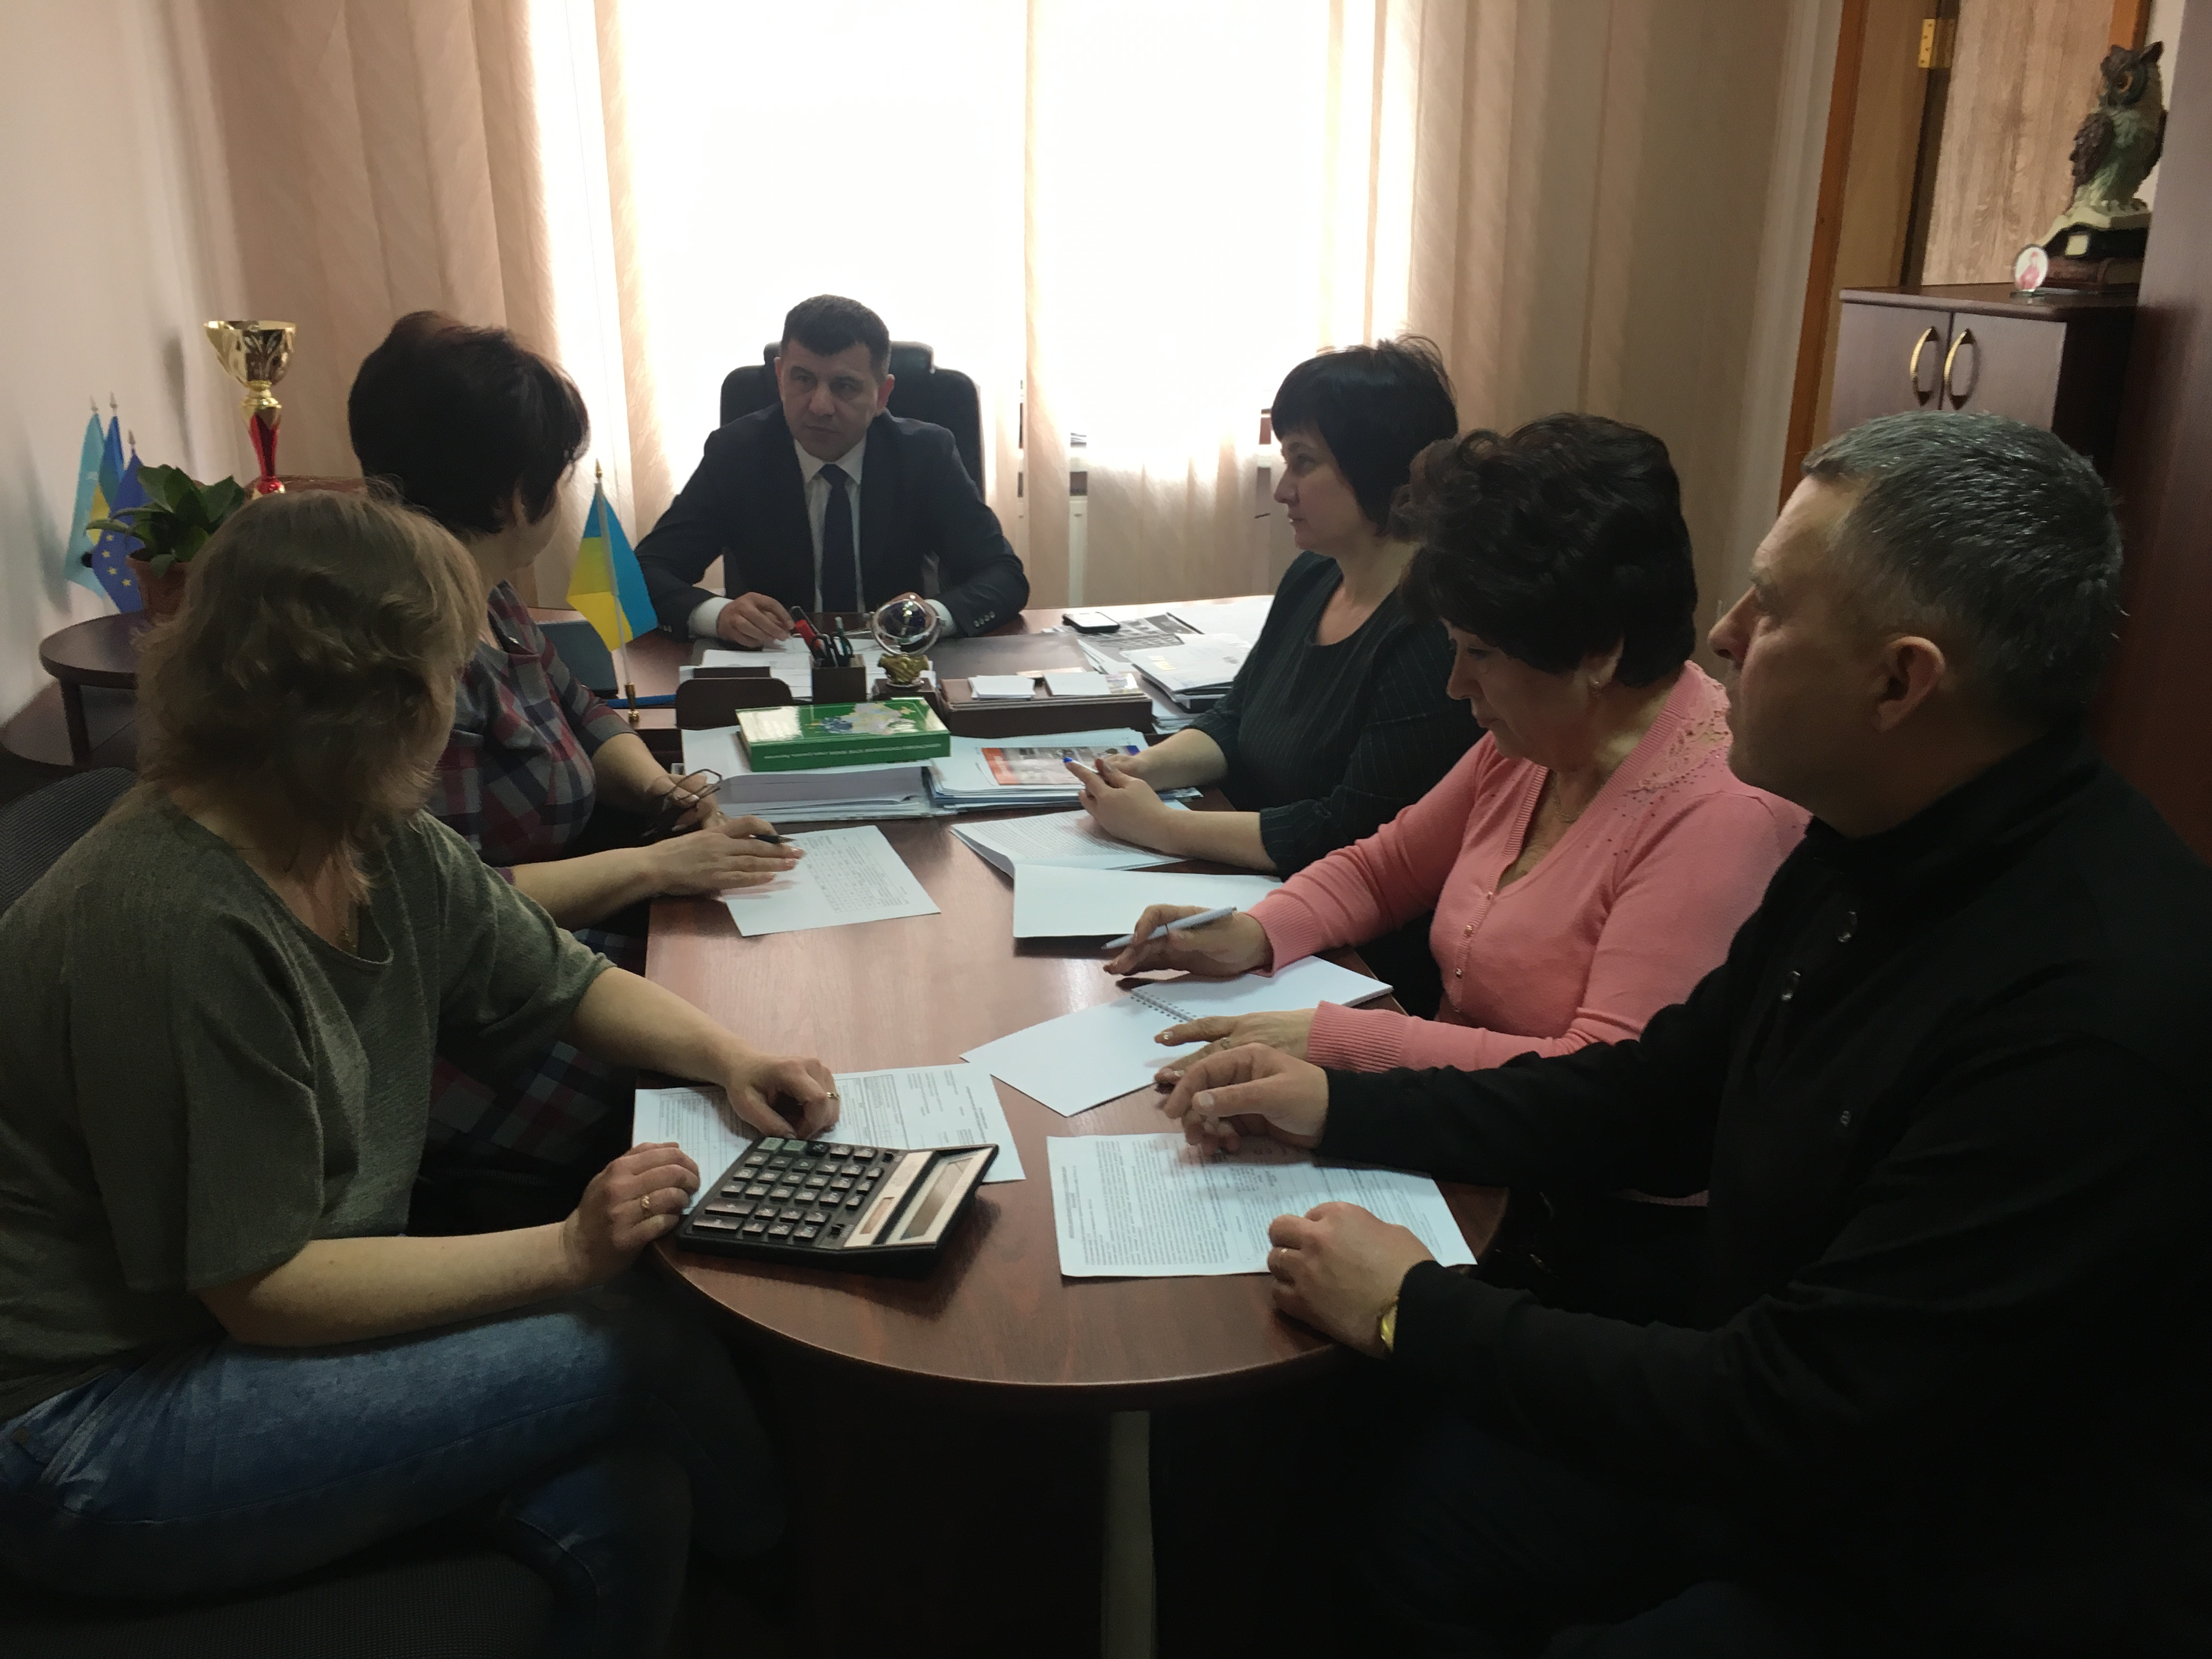 На базі Полянської сільської ради відбулося засідання «З питань реформи первинної медицини»